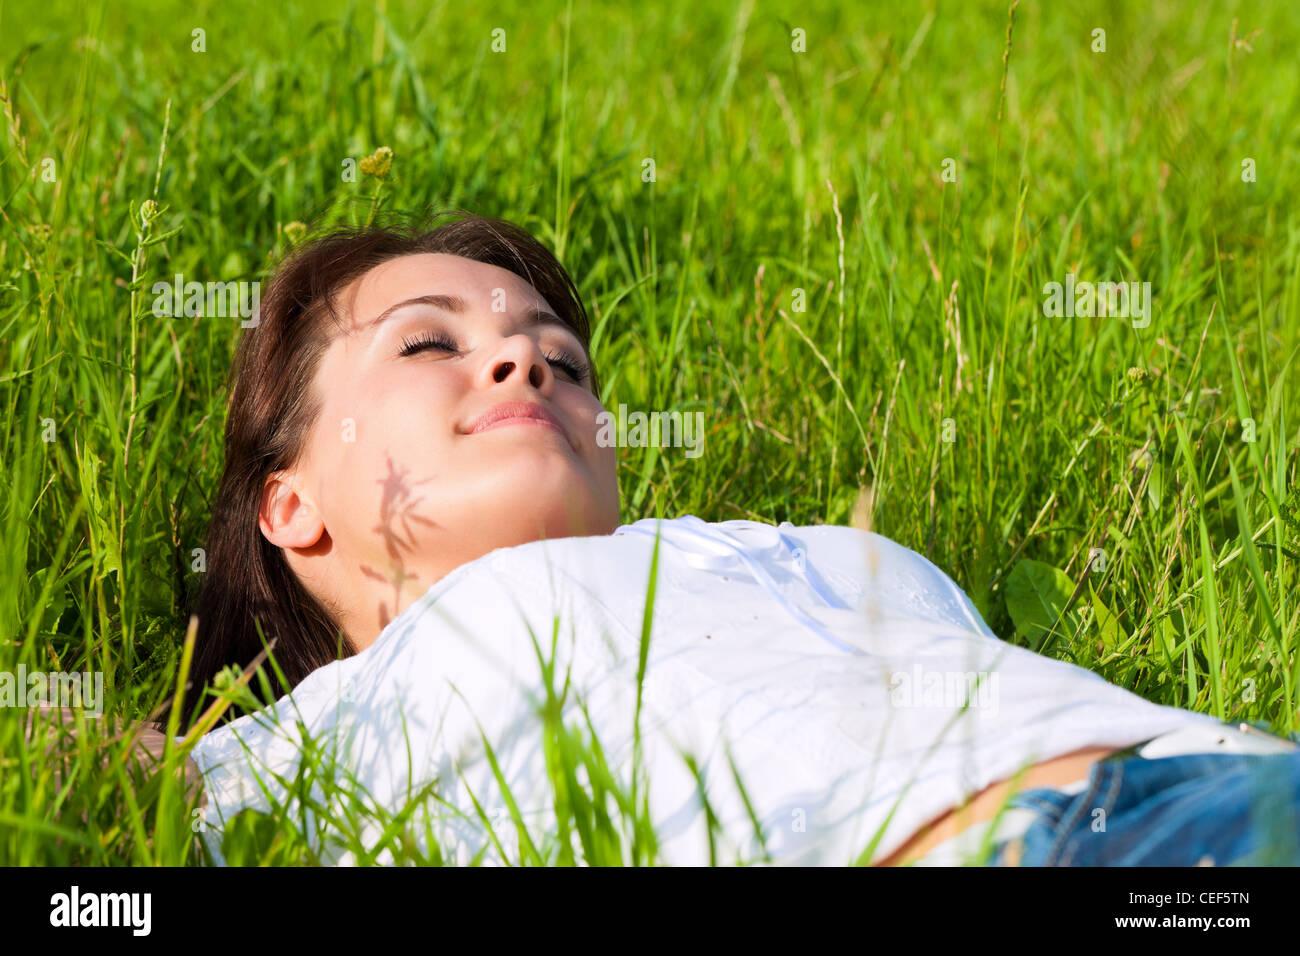 Jeune femme portant sur une pelouse ou prairie en été et est rêver ou dormir Photo Stock